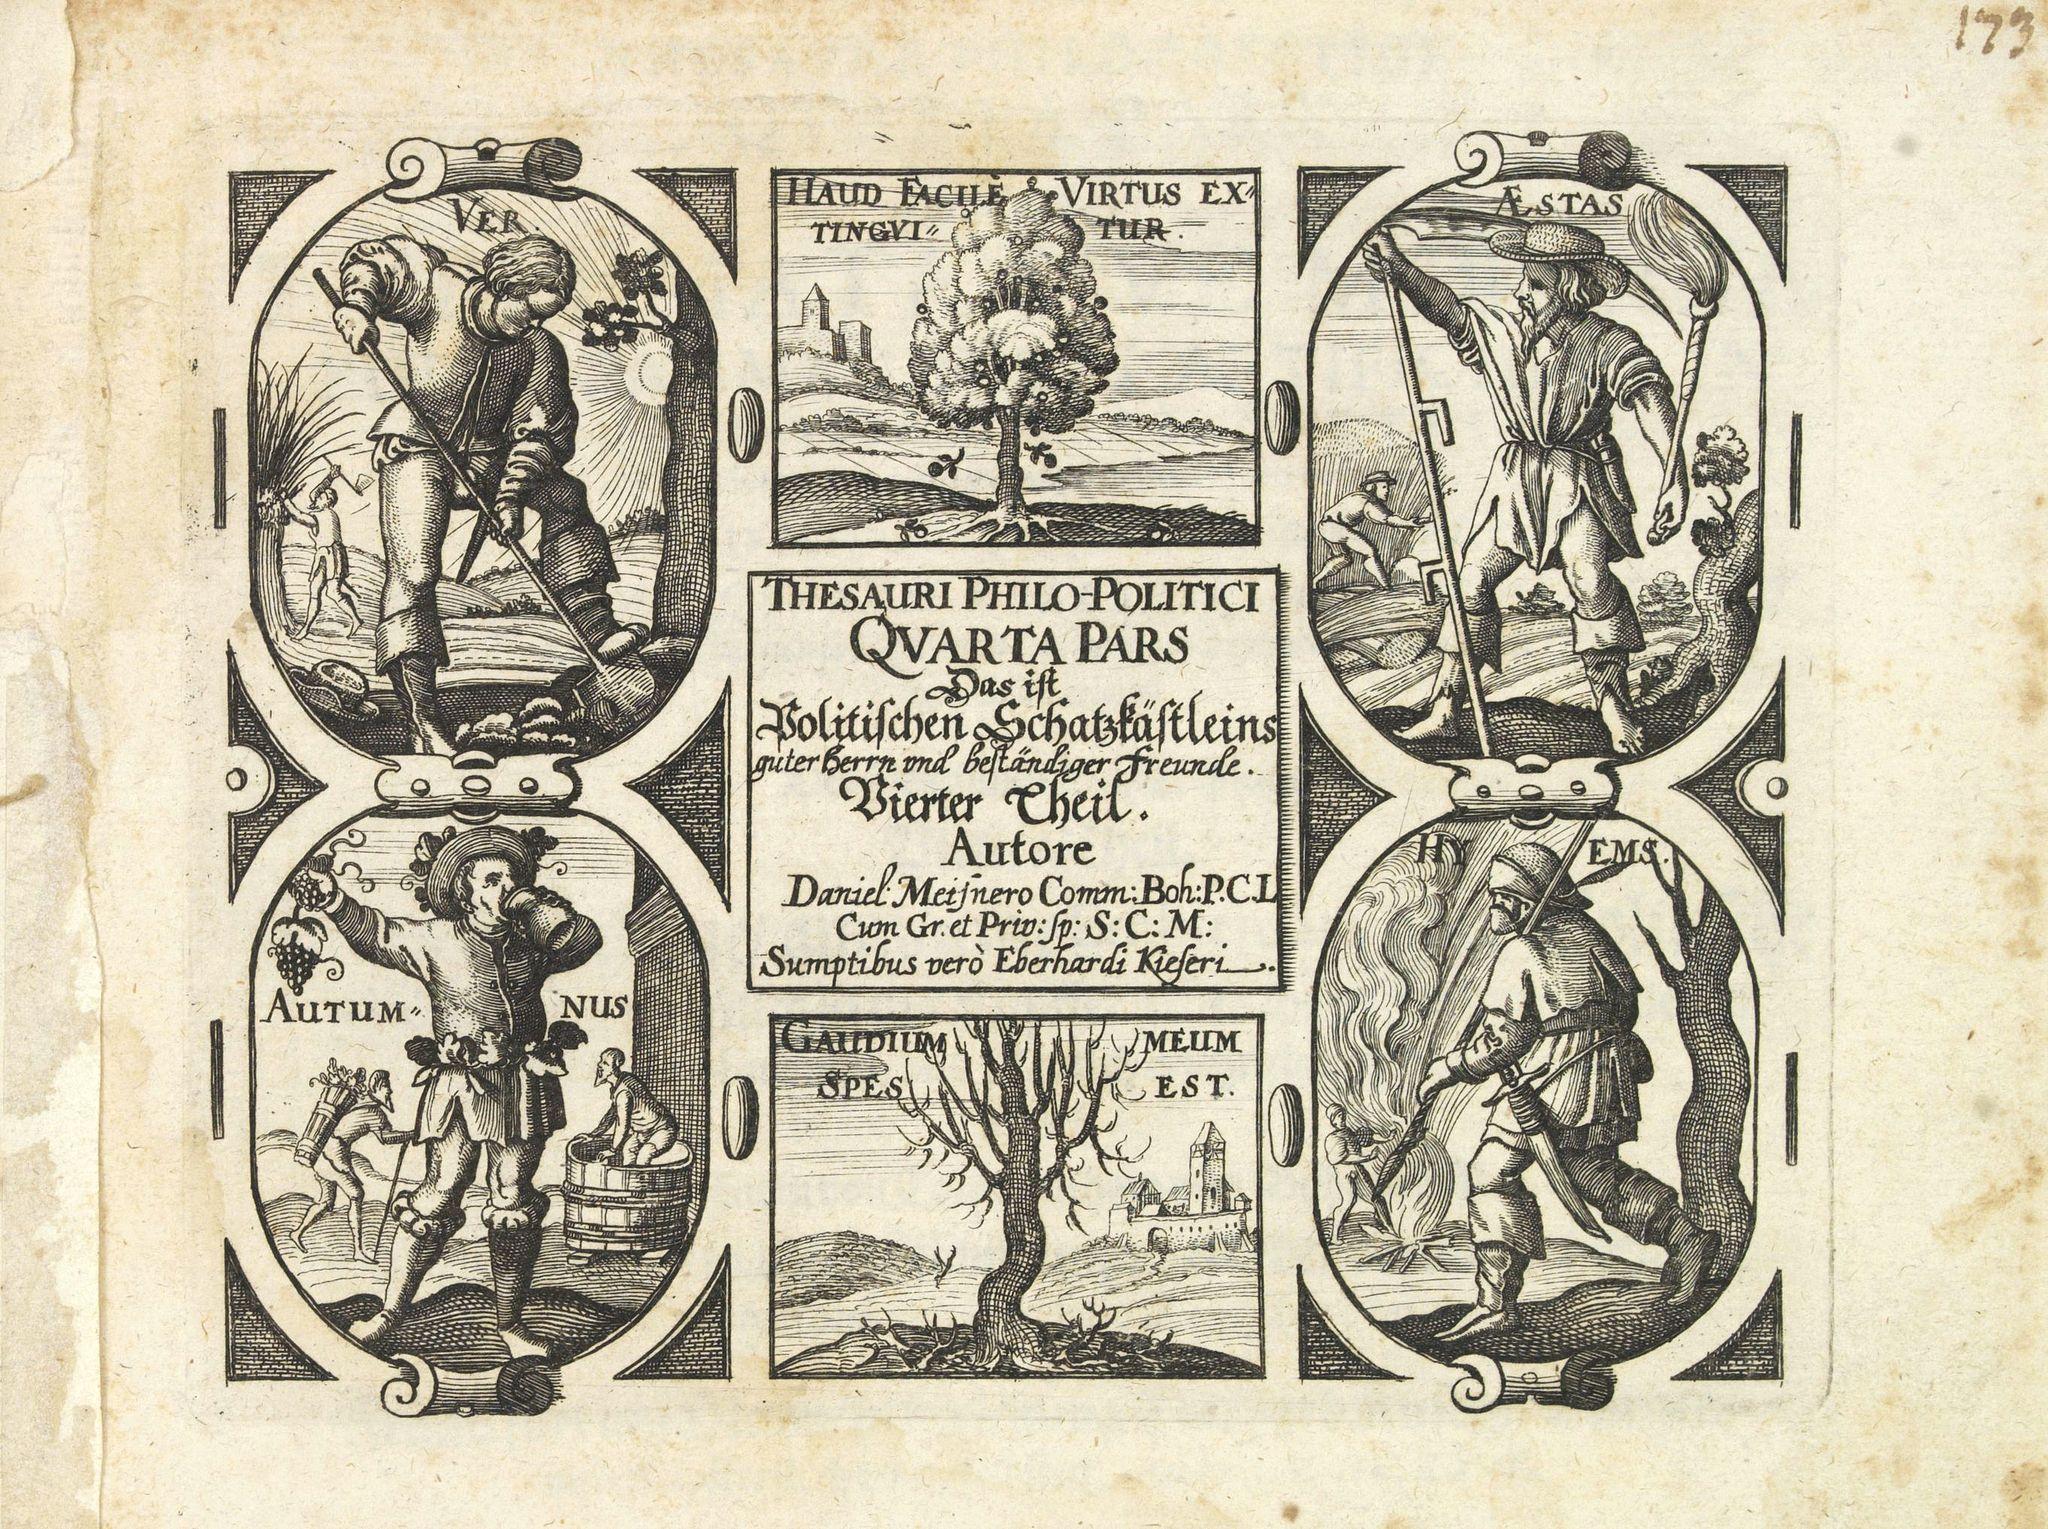 MEISNER, D. -  [Title page] Thesauri Philo-Politci Quarta pars. . .